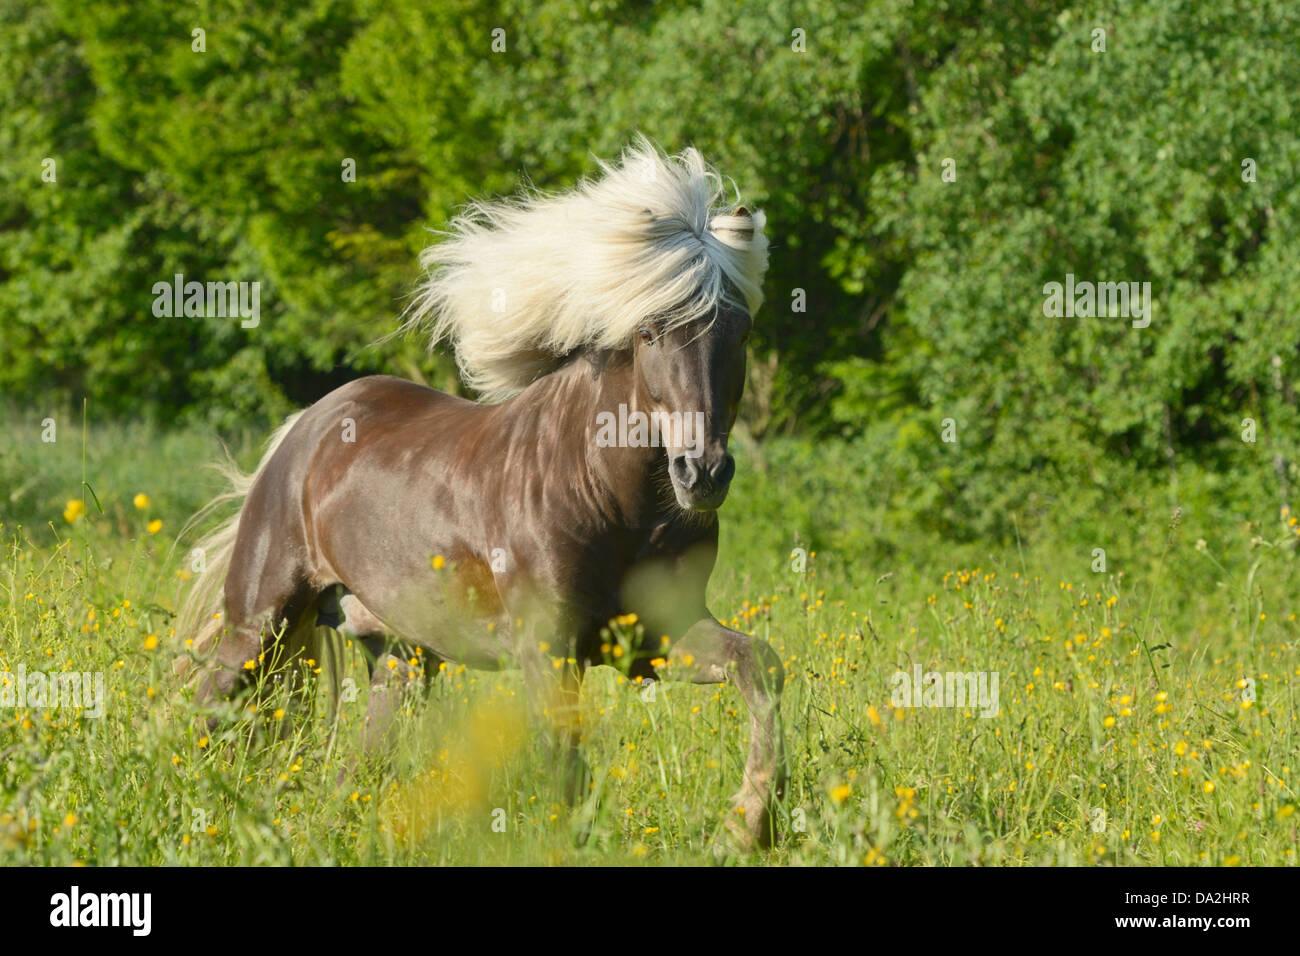 Silver dapple Icelandic horse stallion with long mane - Stock Image